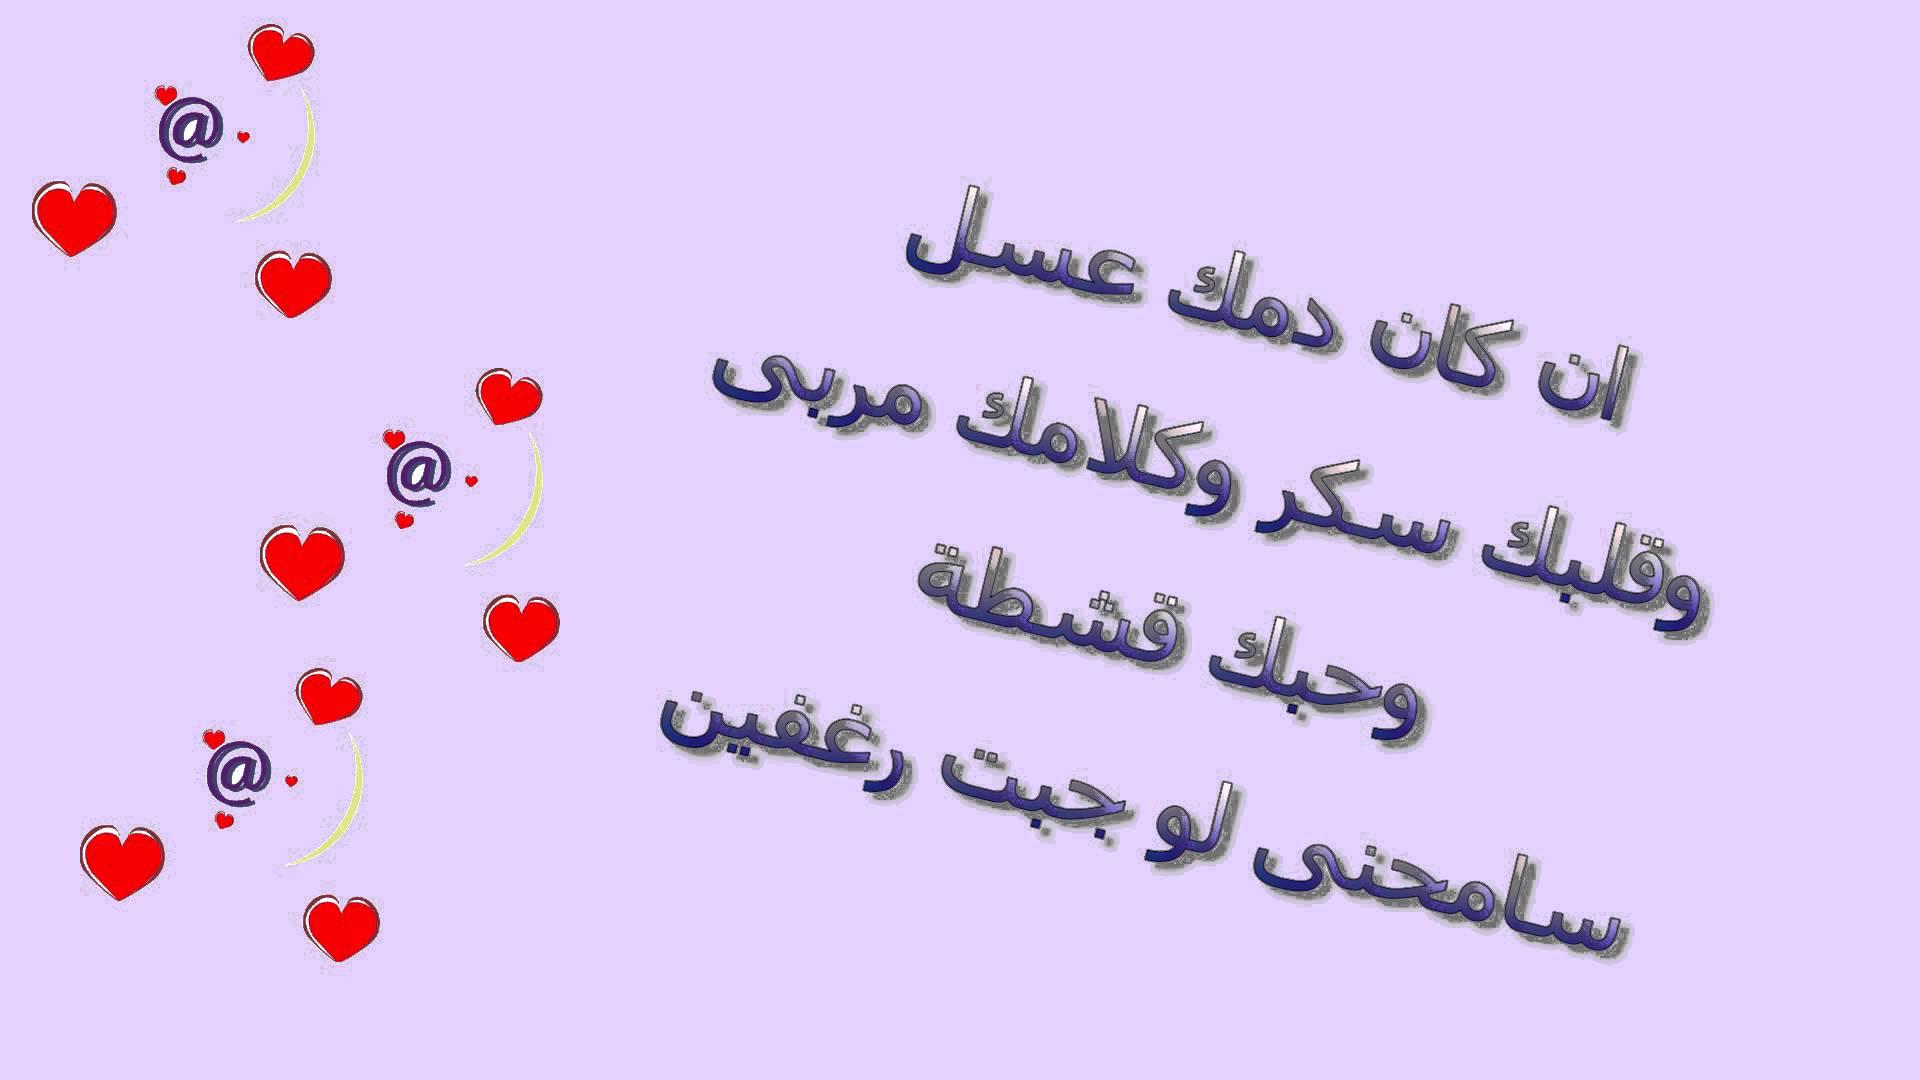 صورة مسجات رومانسية , اجمل رسائل الحب